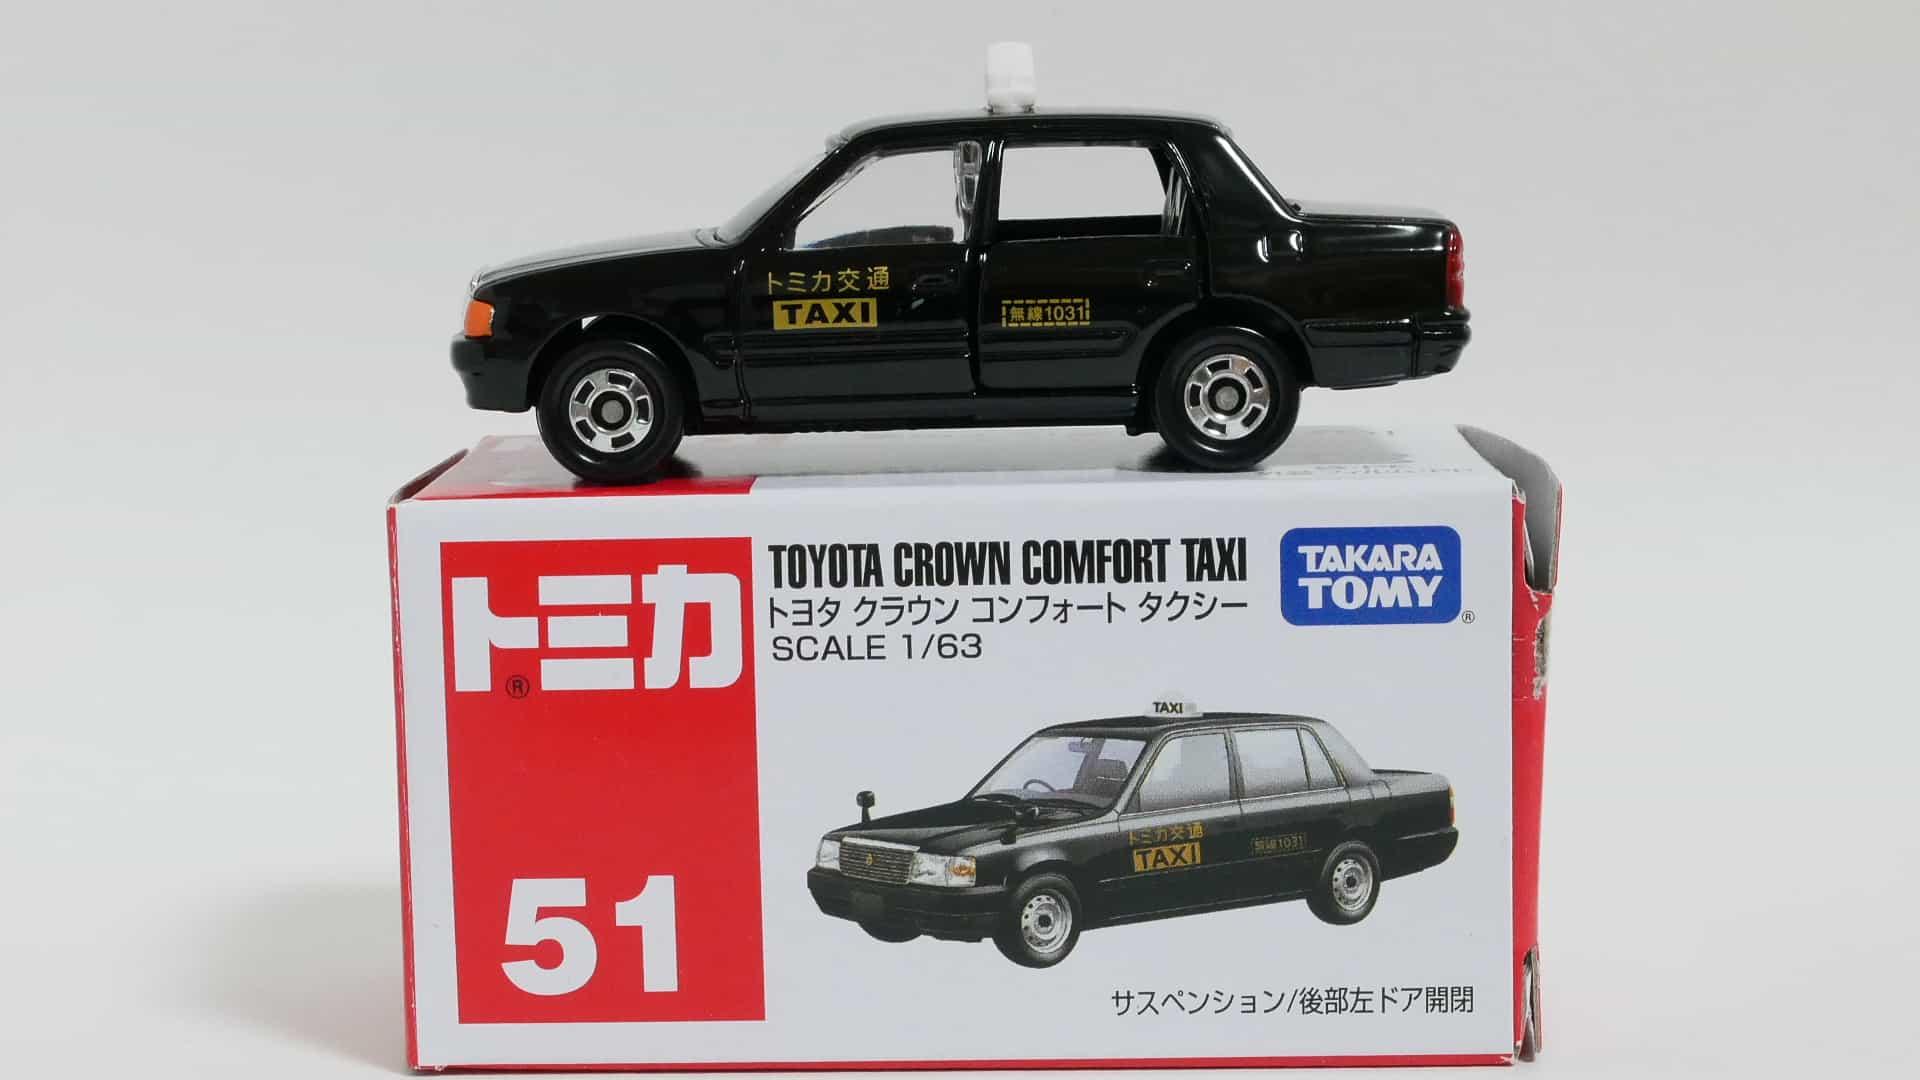 トミカNo.51-6トヨタクラウンコンフォートタクシー-箱